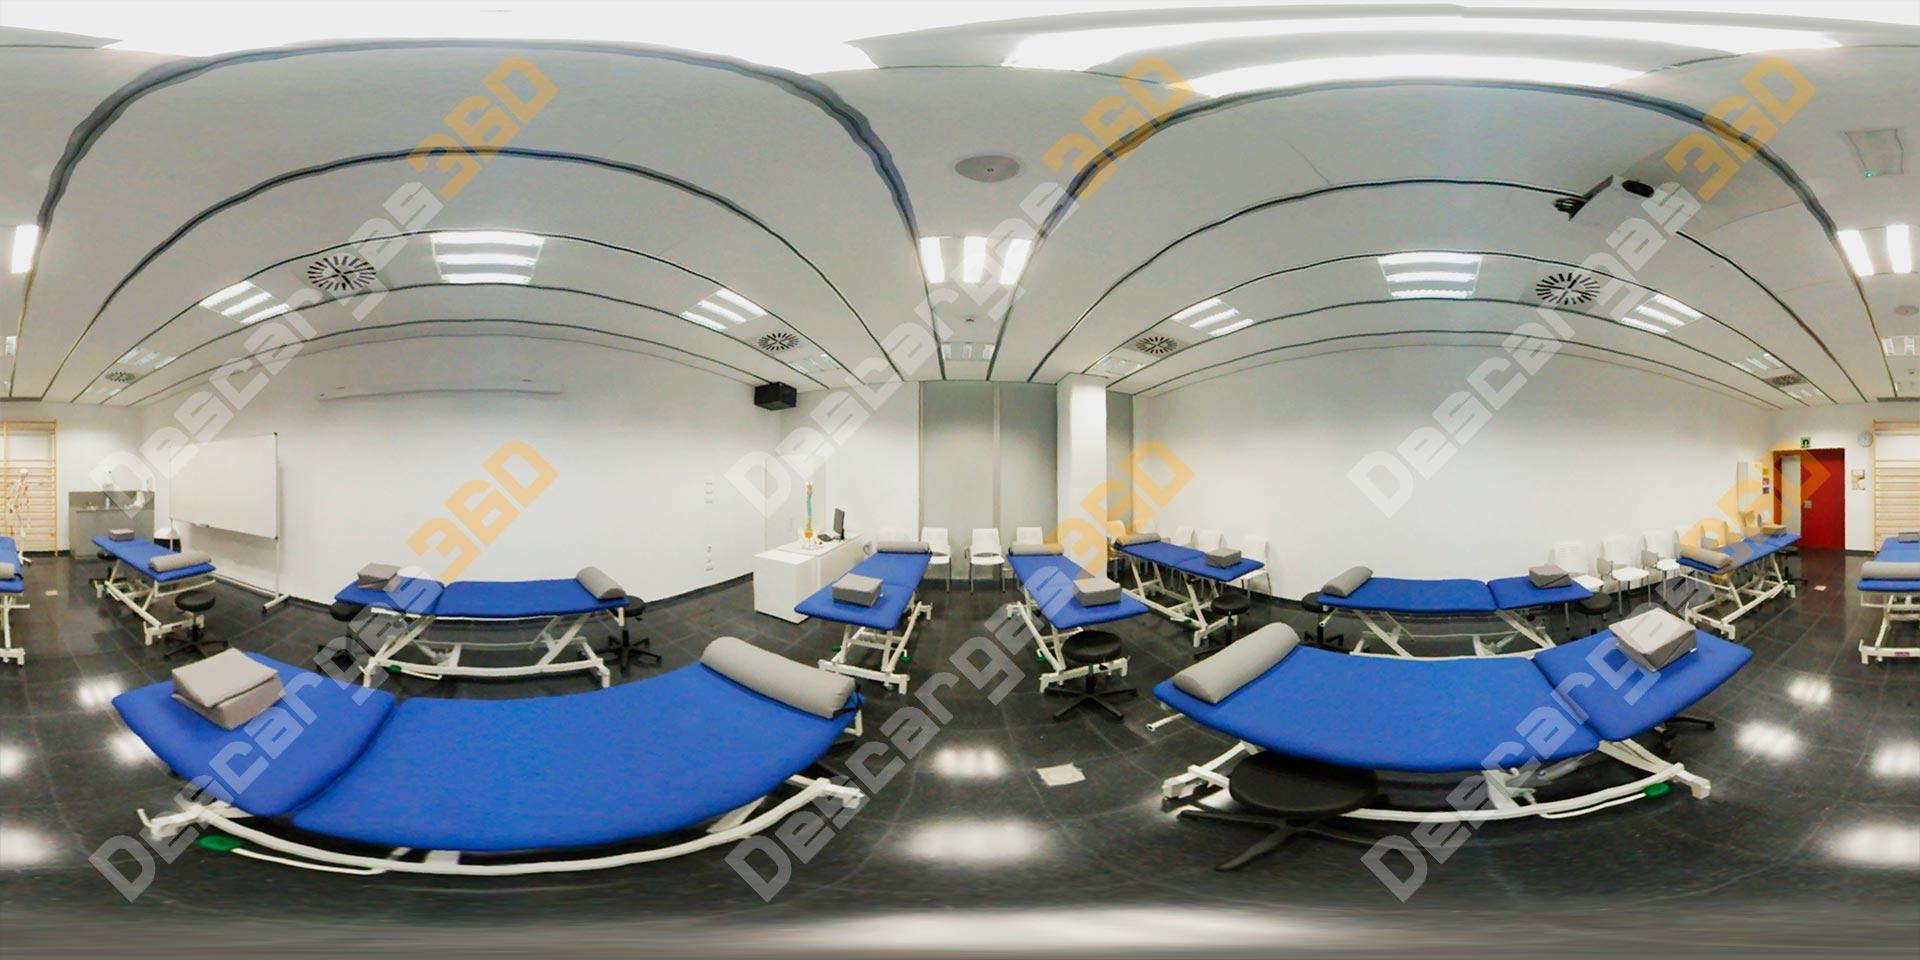 Aula-quiromasaje-360-Camillas-de-masaje---Descargas360_preview